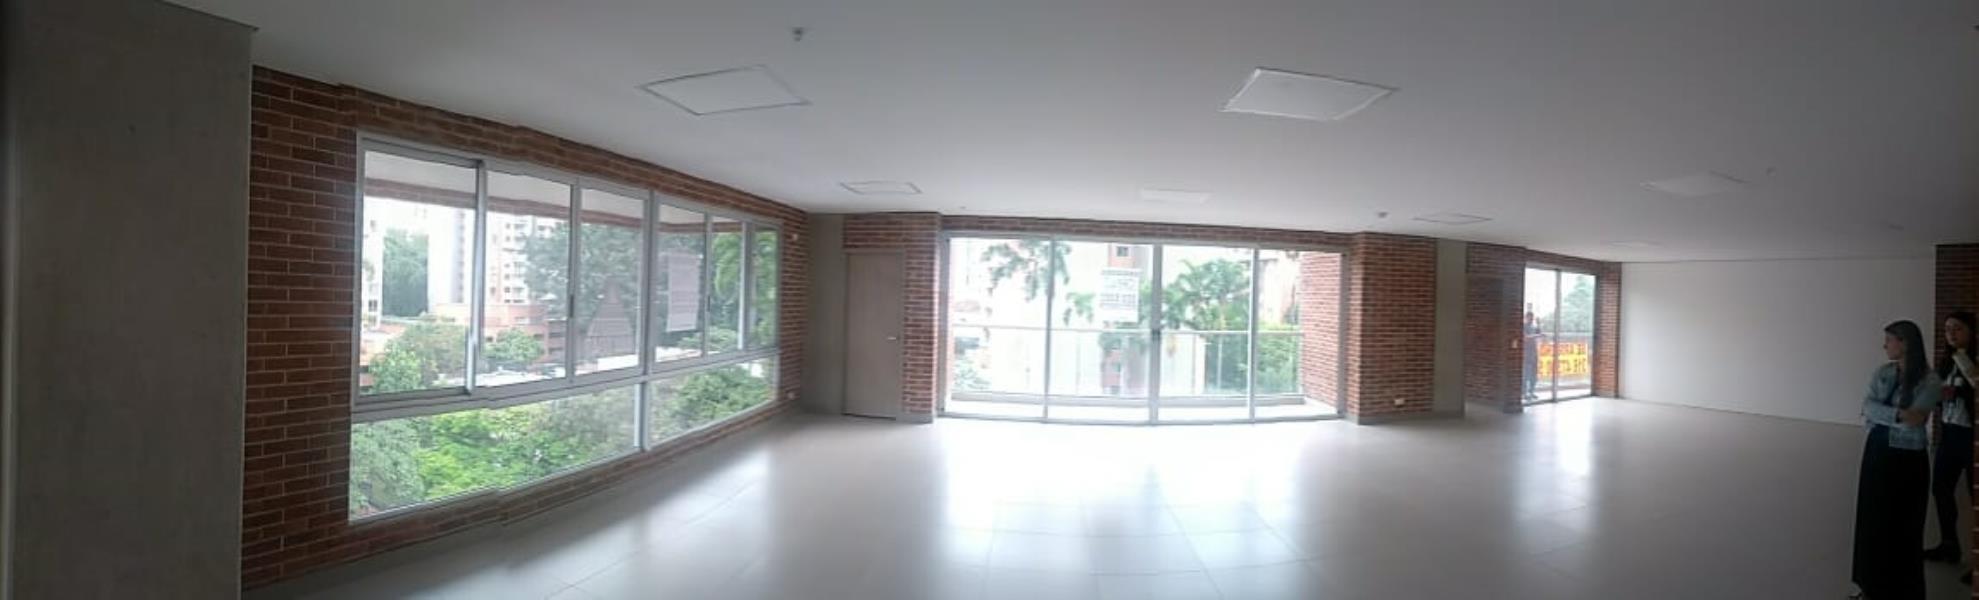 Oficina en El Poblado ,  Medellín,  203703